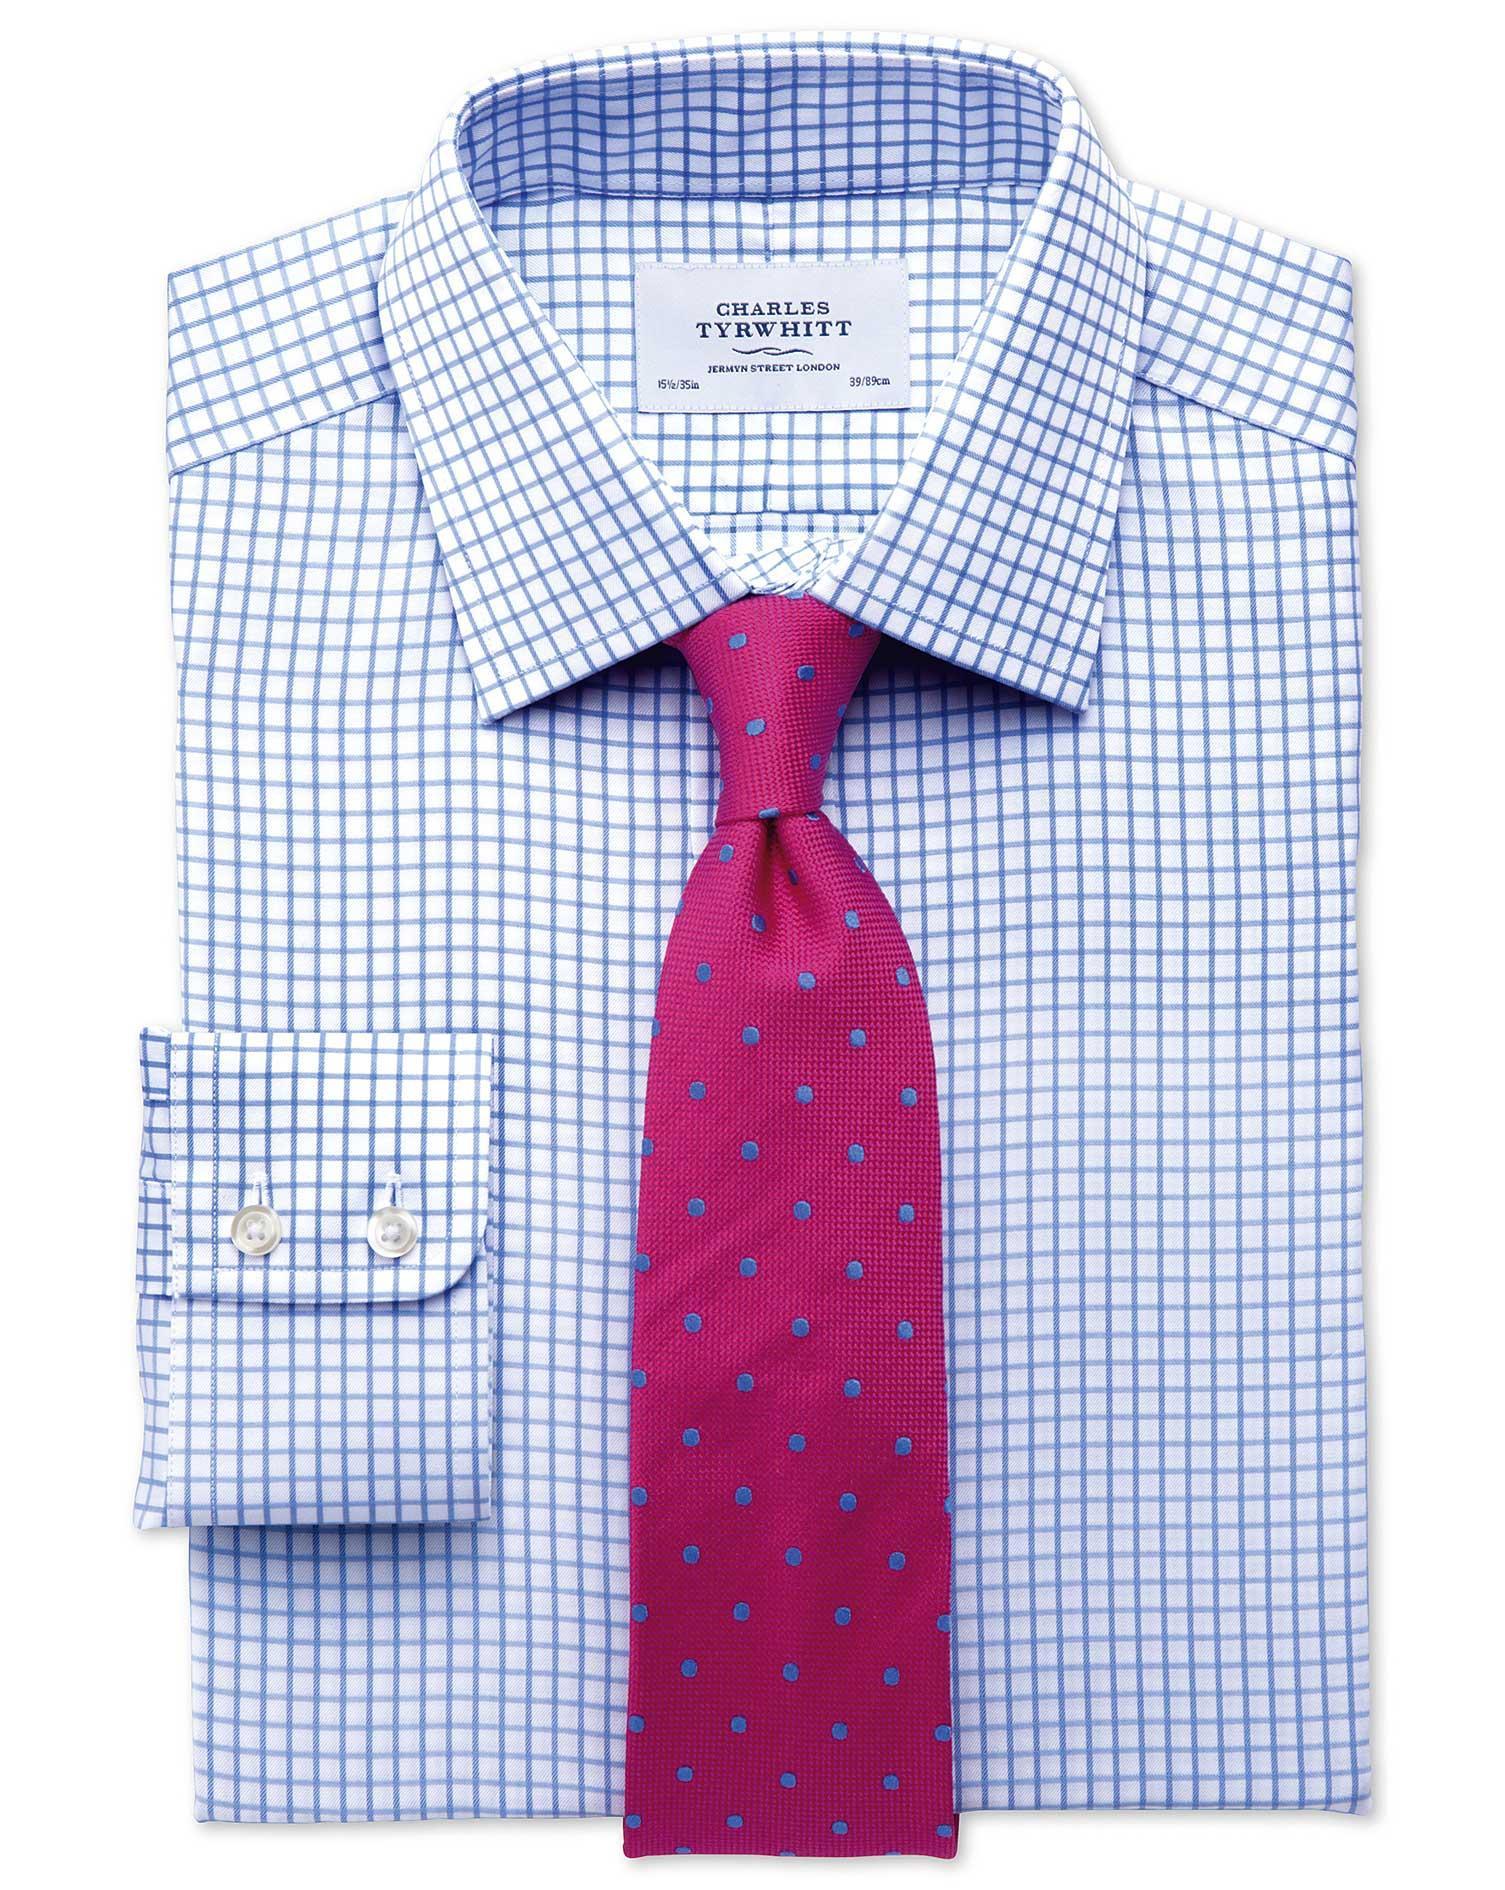 Sélection de chemises Charles Tyrwhitt à 24.90€ - Ex : Chemise Extra Slim Fit